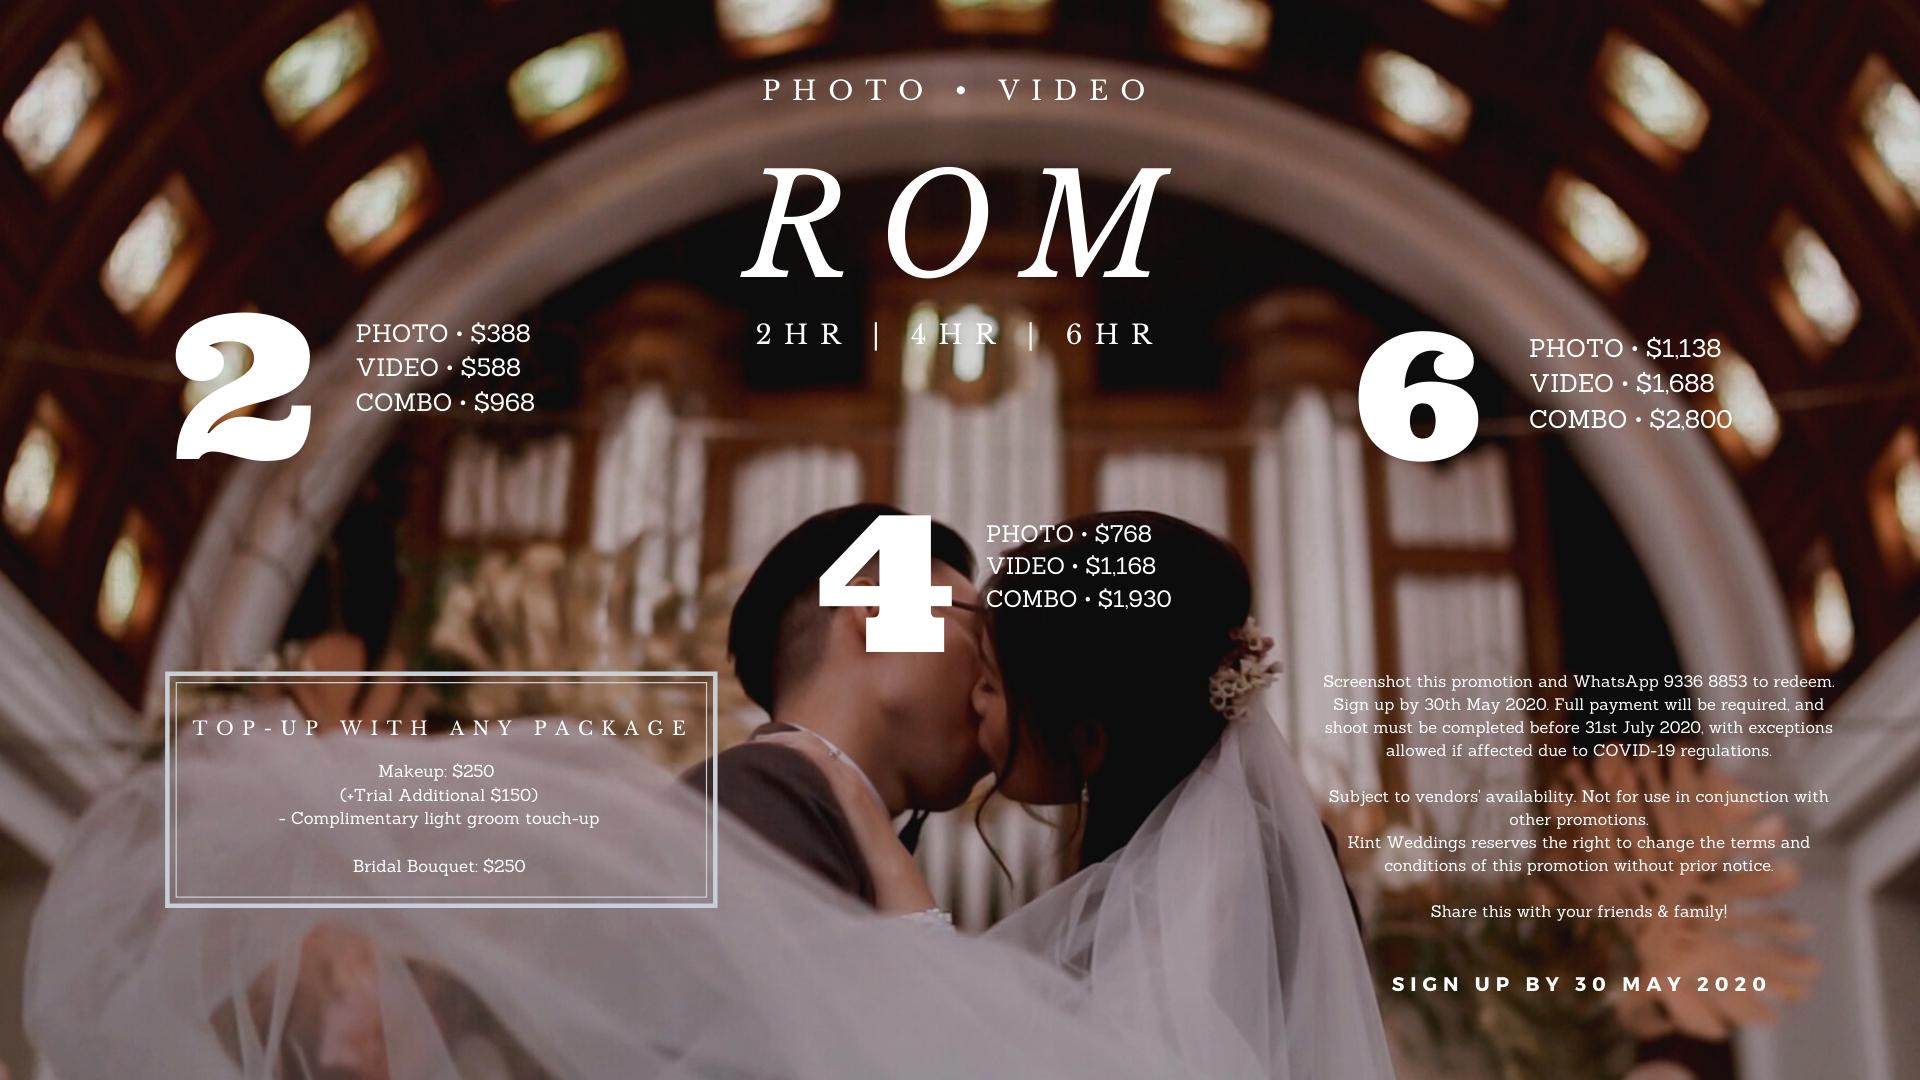 Kint Weddings (3)